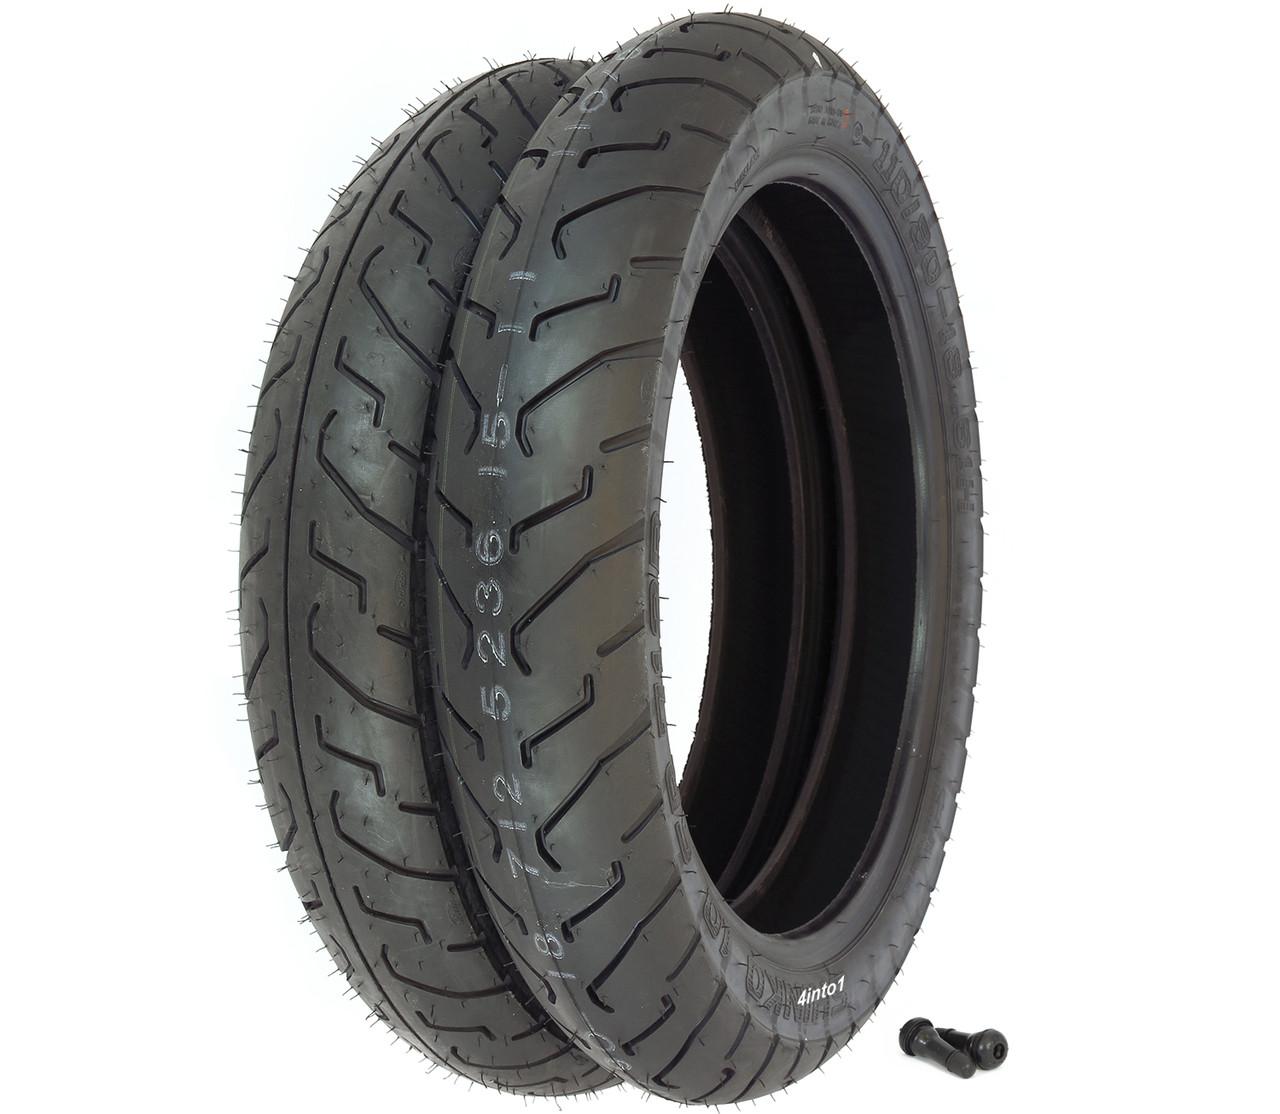 honda nighthawk 450 fuse box shinko 712 tire set honda cb450sc nighthawk  tire set honda cb450sc nighthawk